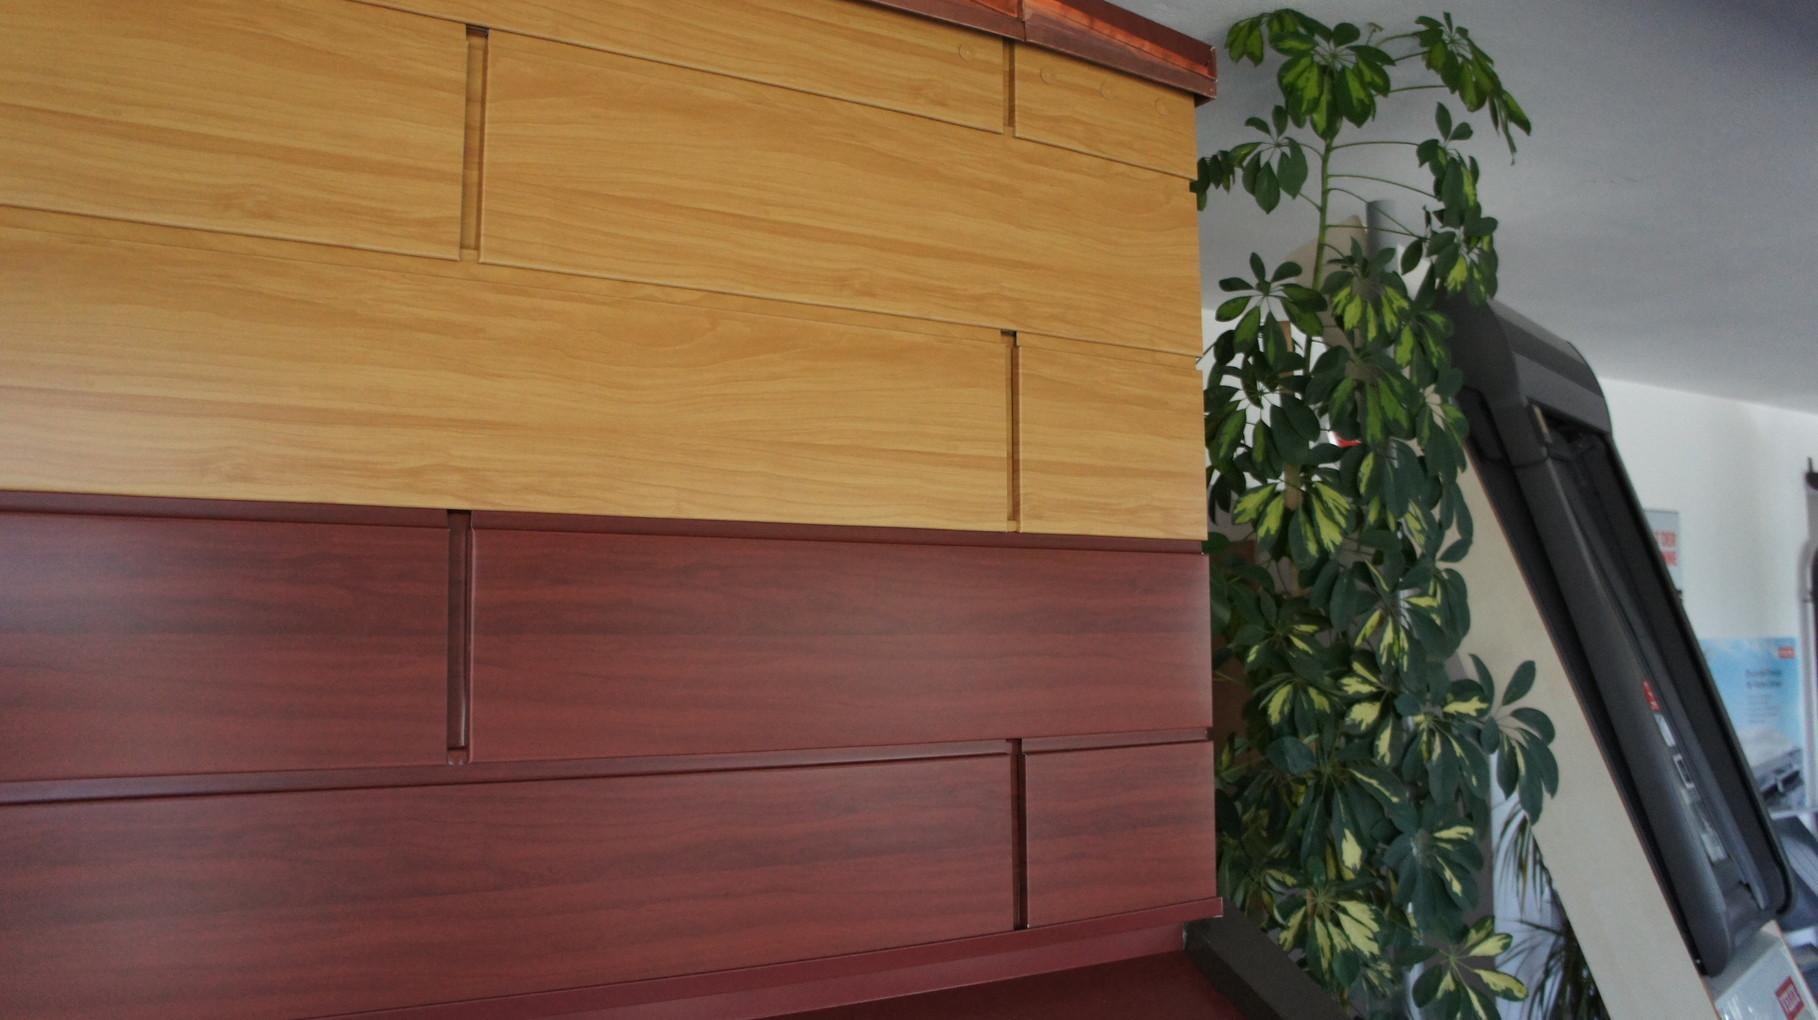 Fassaden Sidings - Holz hell / Holz dunkel